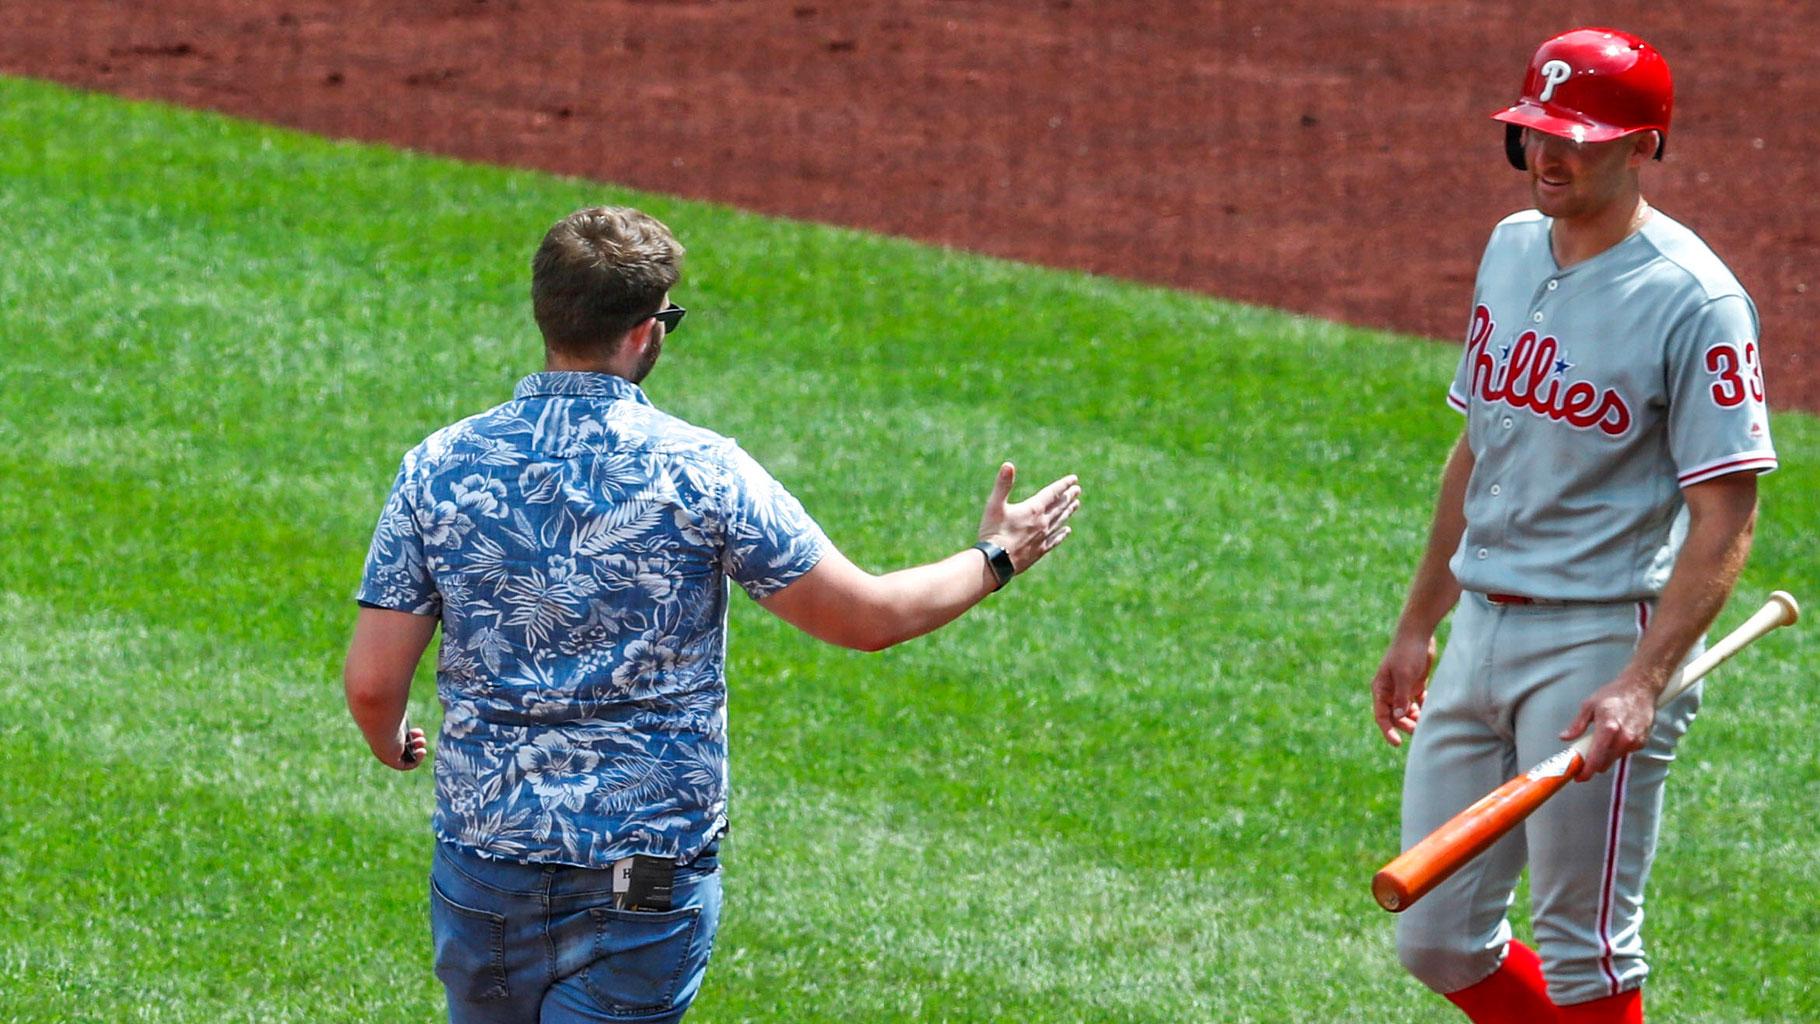 Fan ambles across field, tries to shake ex-Ray Brad Miller's